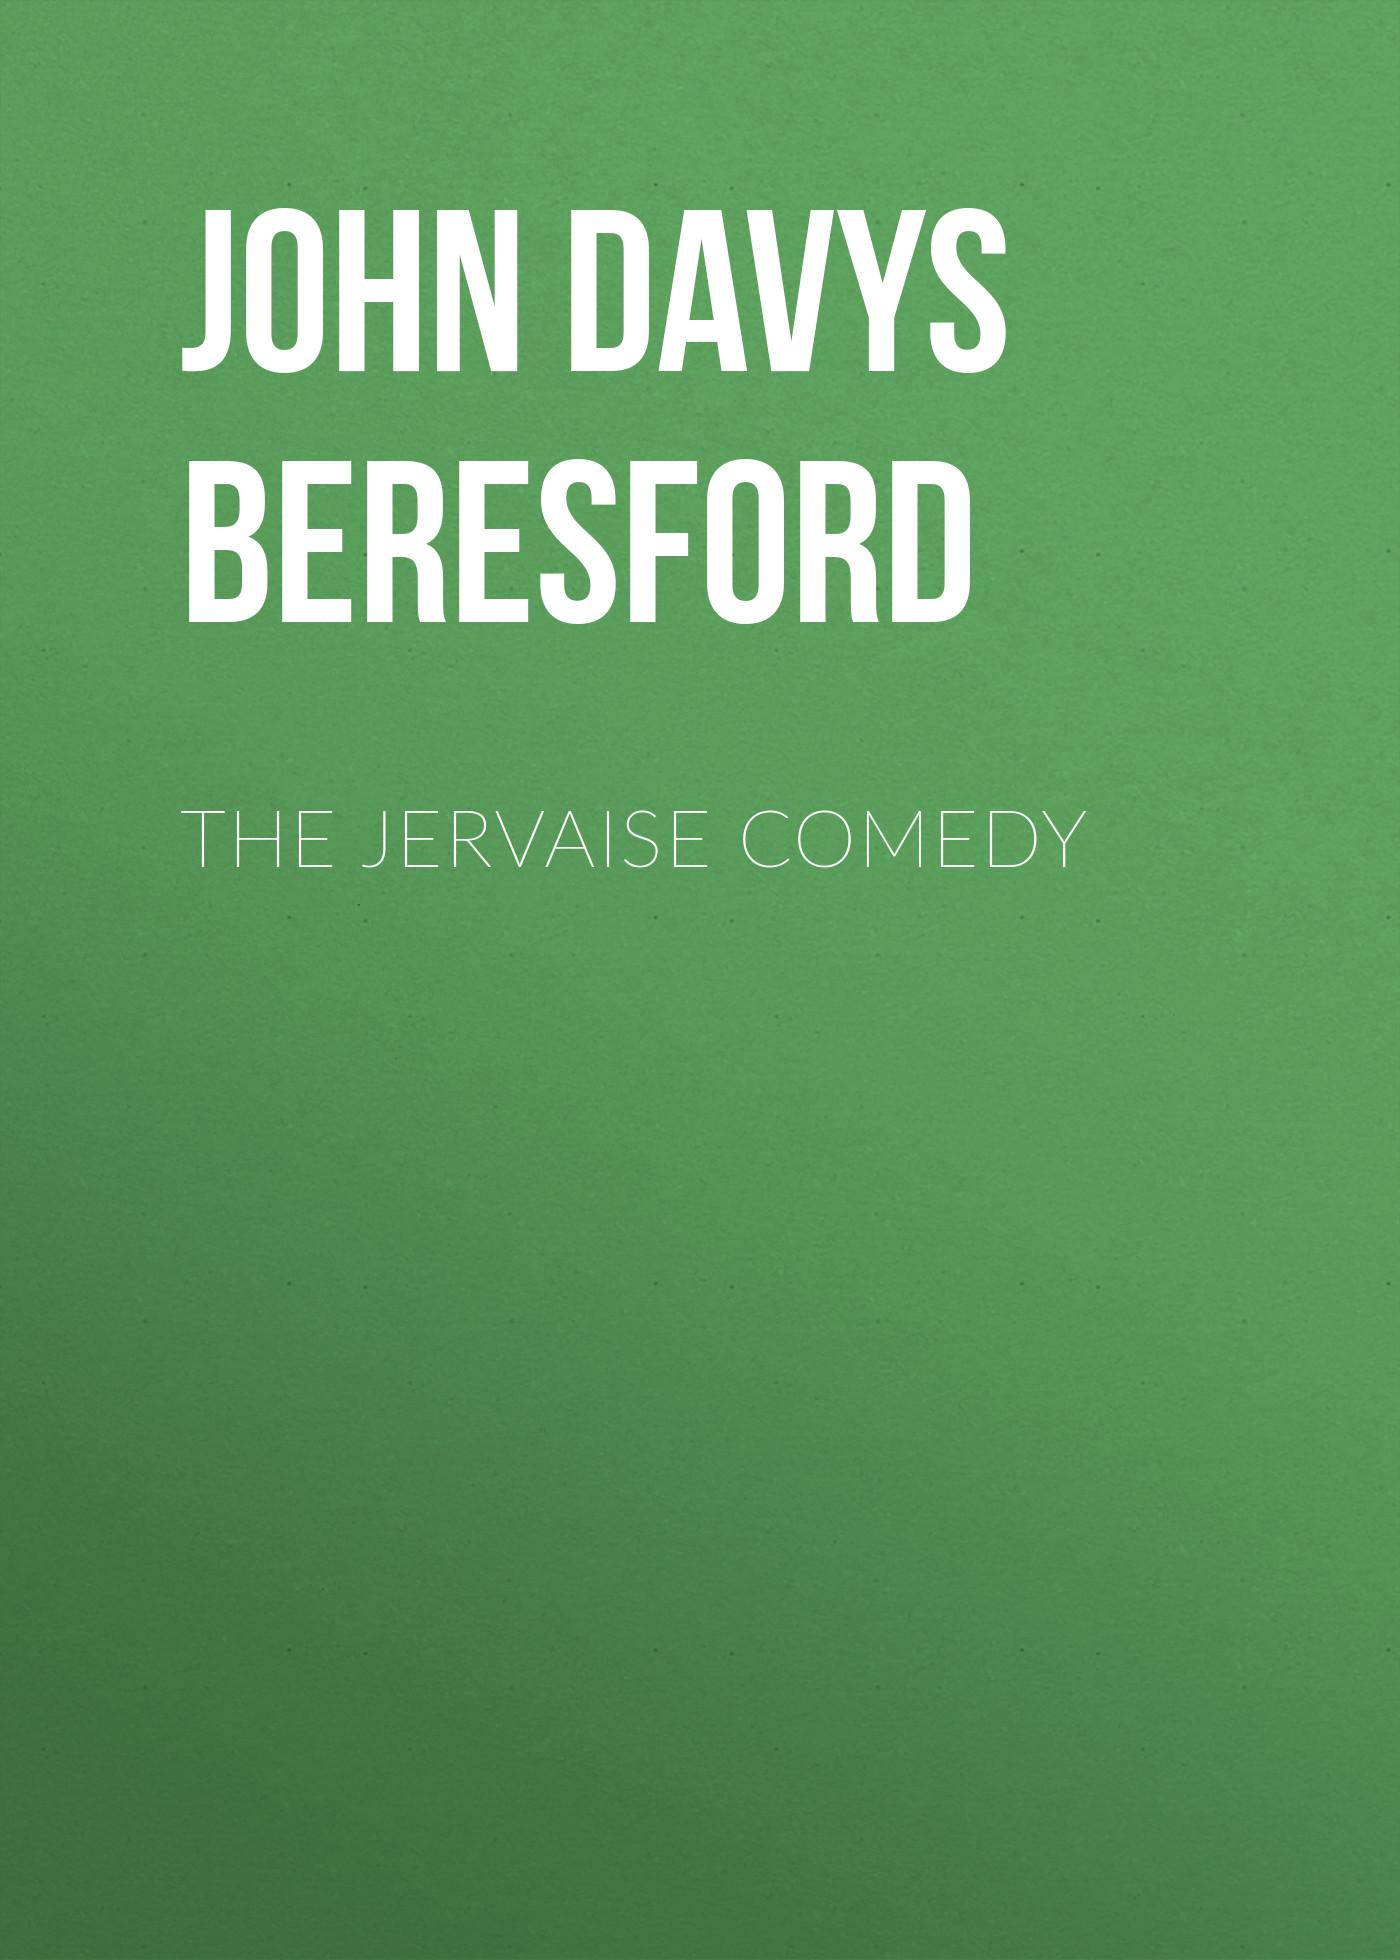 John Davys Beresford The Jervaise Comedy цена и фото